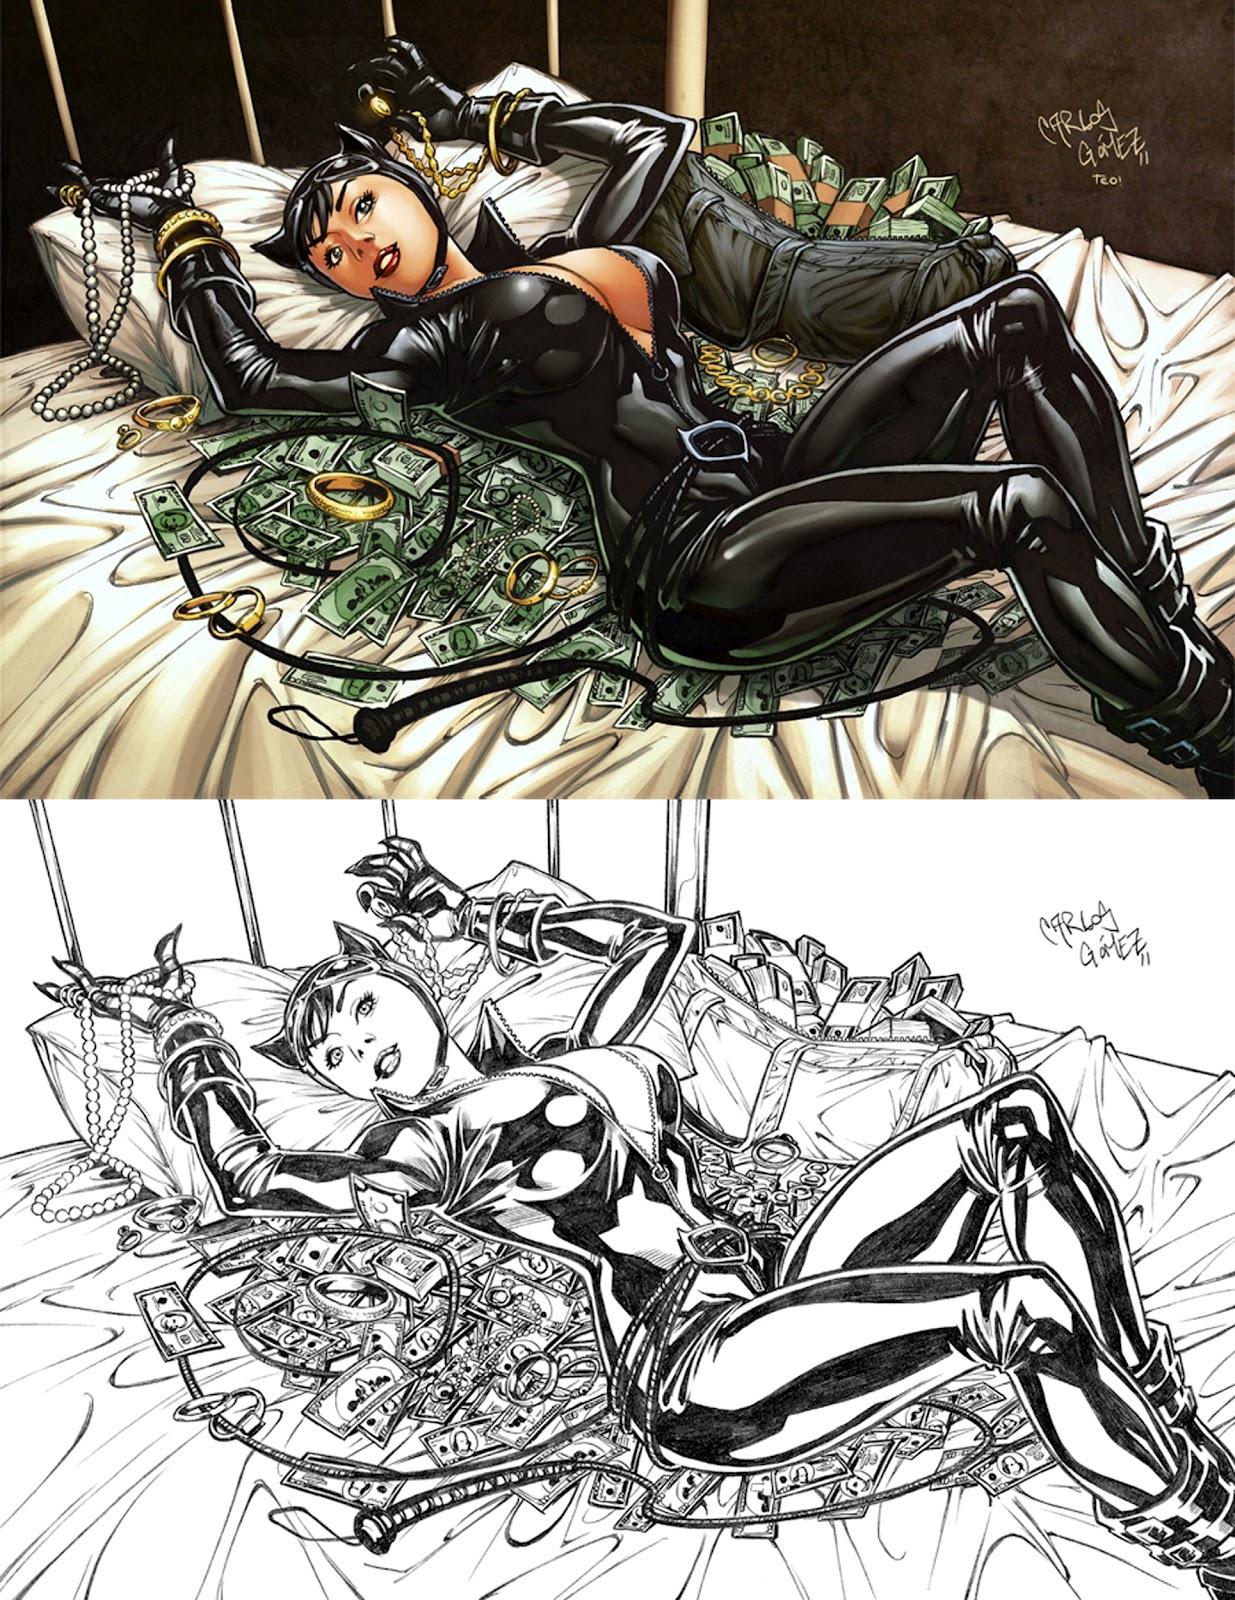 http://1.bp.blogspot.com/-Nz621B-Zv6Y/T8AWSEXEVKI/AAAAAAAAFyU/egwTZ38Sd-U/s1600/catwoman+sexy+poster+wallpaper+drawing+new+52+dc+comics+pinup+by+nemafronspain.jpg